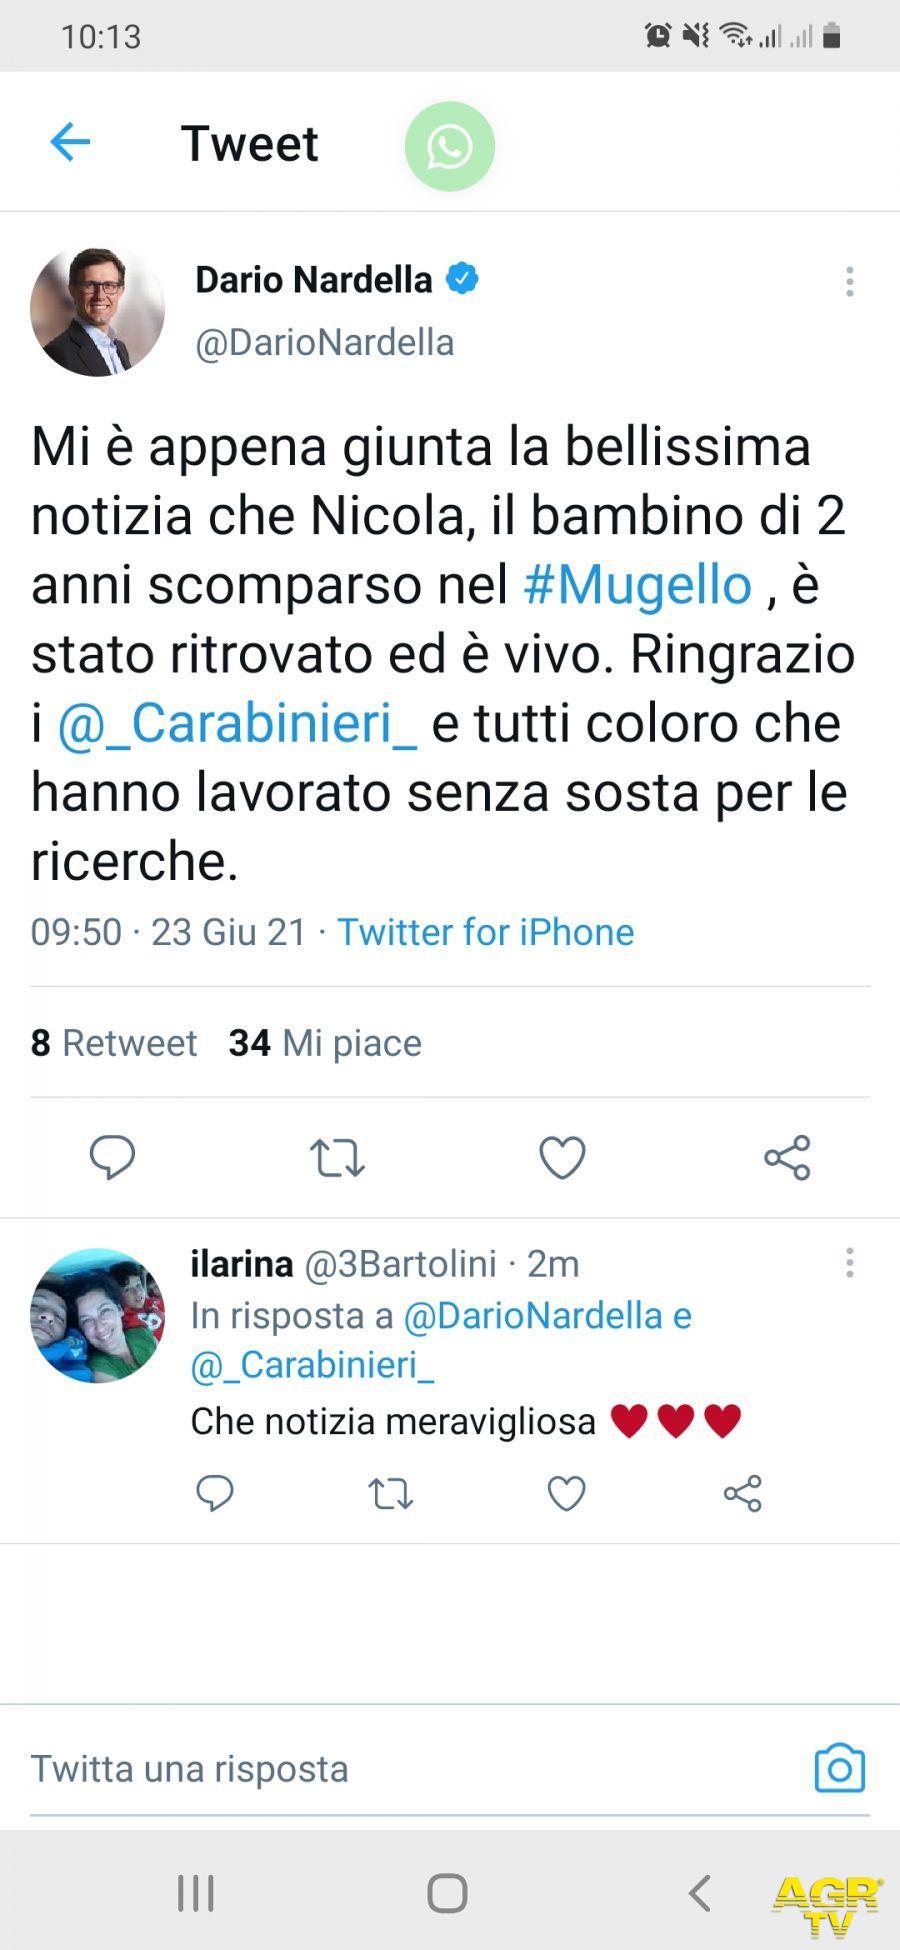 Città Metropolitana di Firenze Annuncio di Dario Nardella al Consiglio Metropolitano: Il piccolo Nicola è stato ritrovato ed è vivo